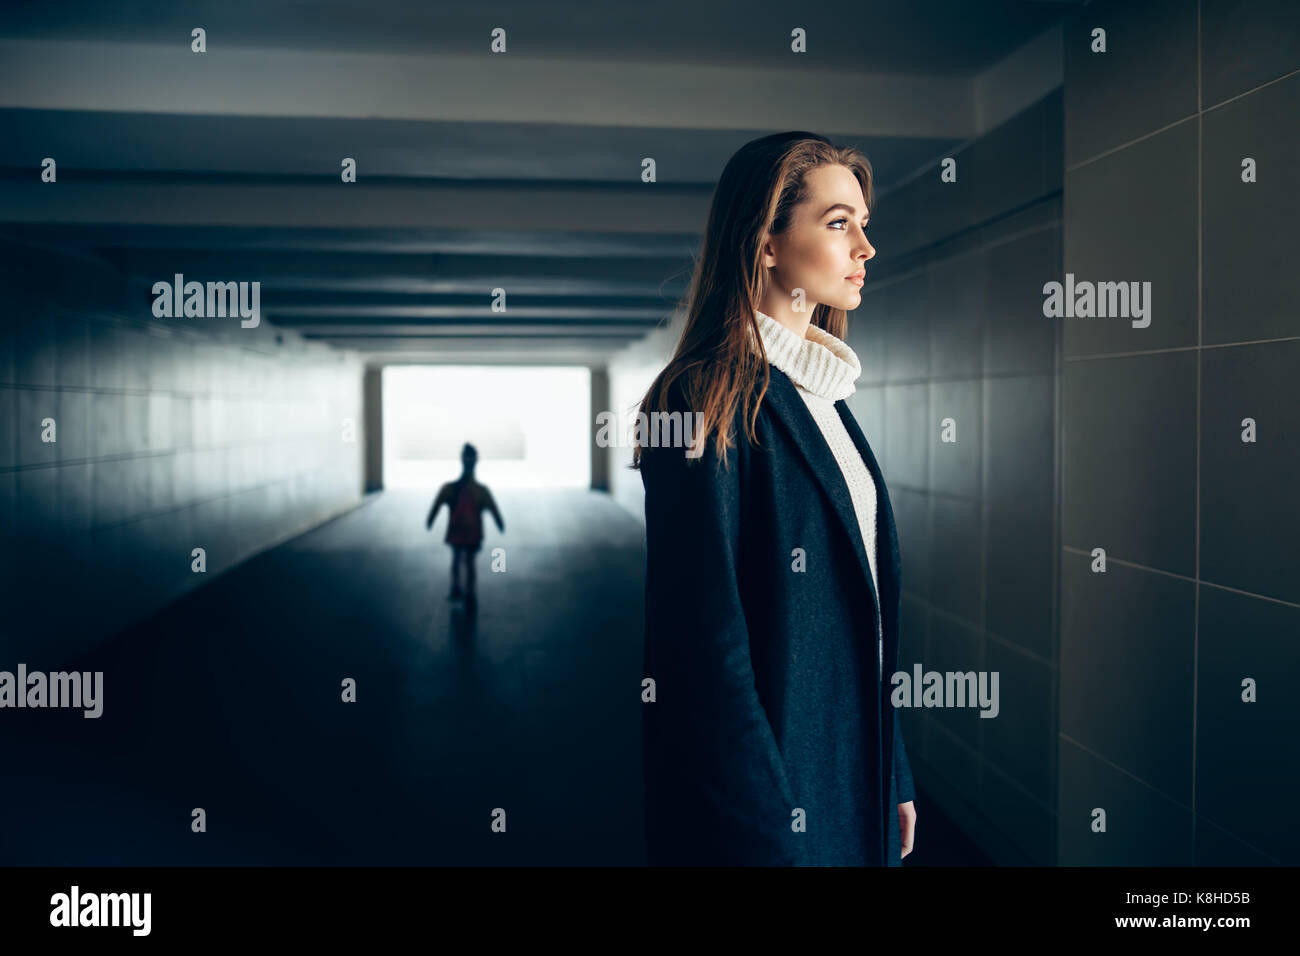 Belle femme seule dans un tunnel de métro avec effrayer silhouette sur l'arrière-plan. Le surréalisme Photo Stock